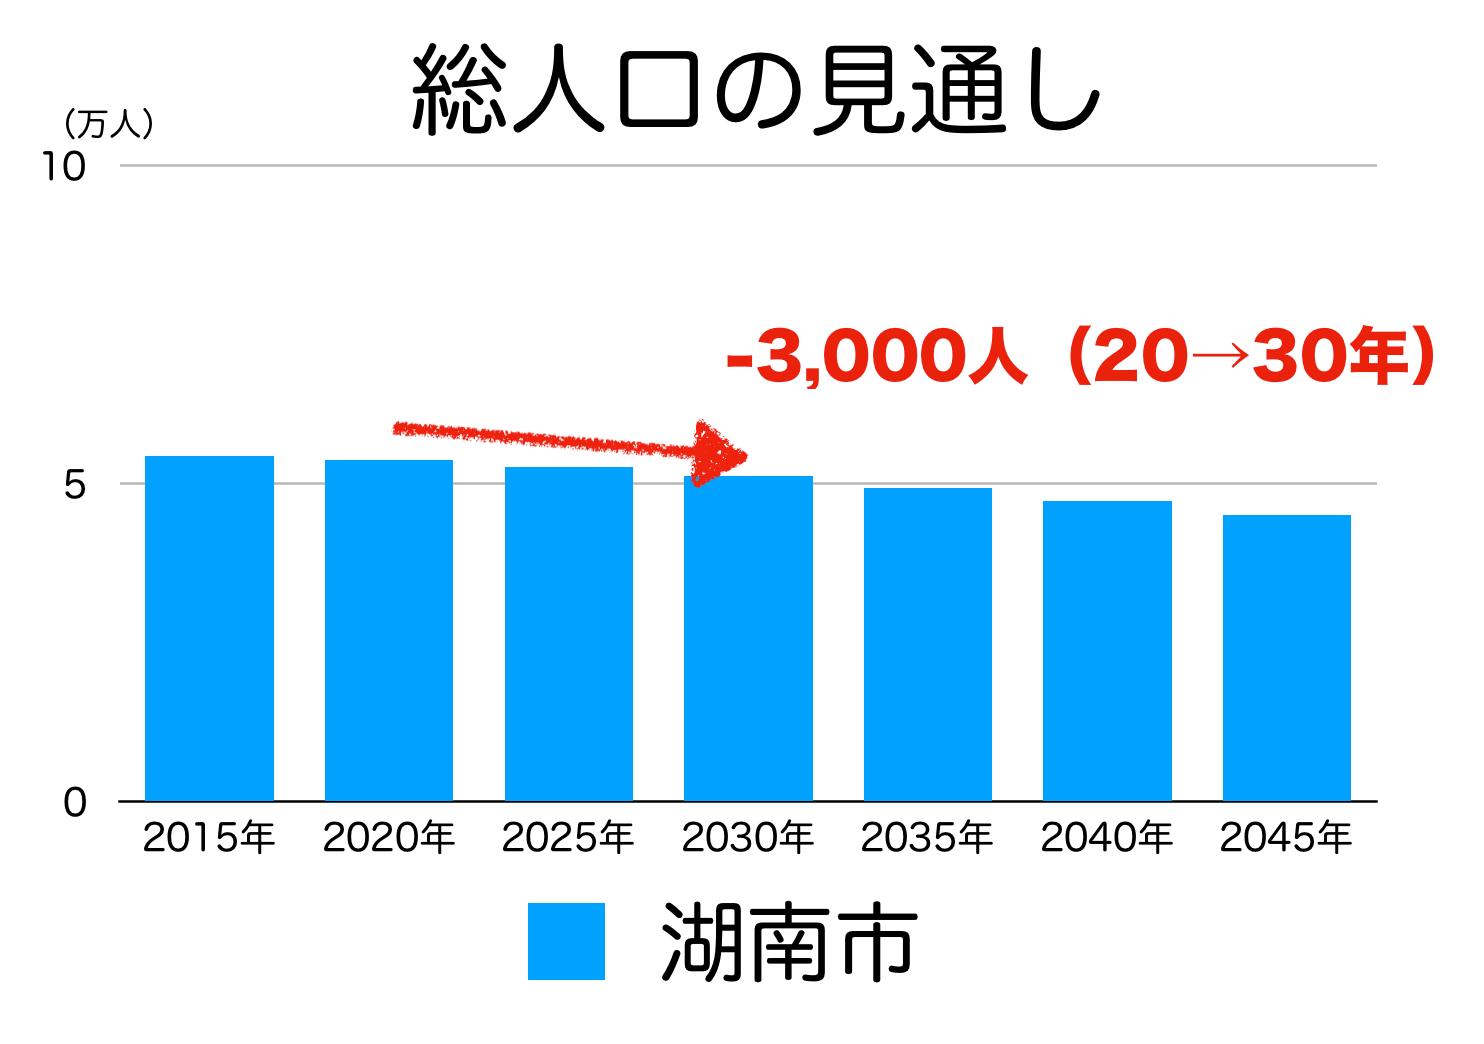 湖南市の人口予測